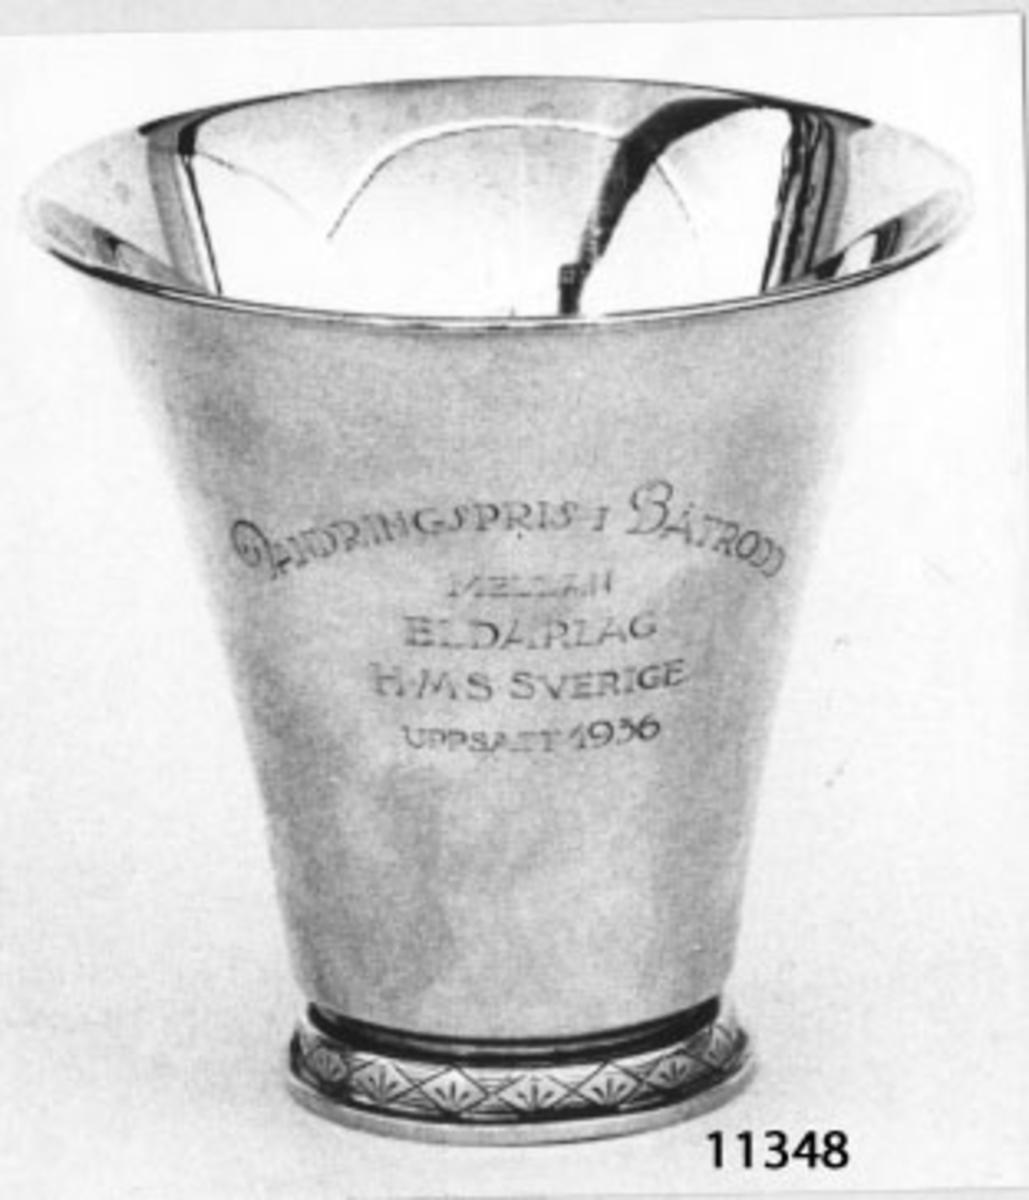 Bägare av silver. Inskription (textad): Vandringspris i Båtrodd mellan Eldarlag H M S Sverige. Uppsatt 1936.